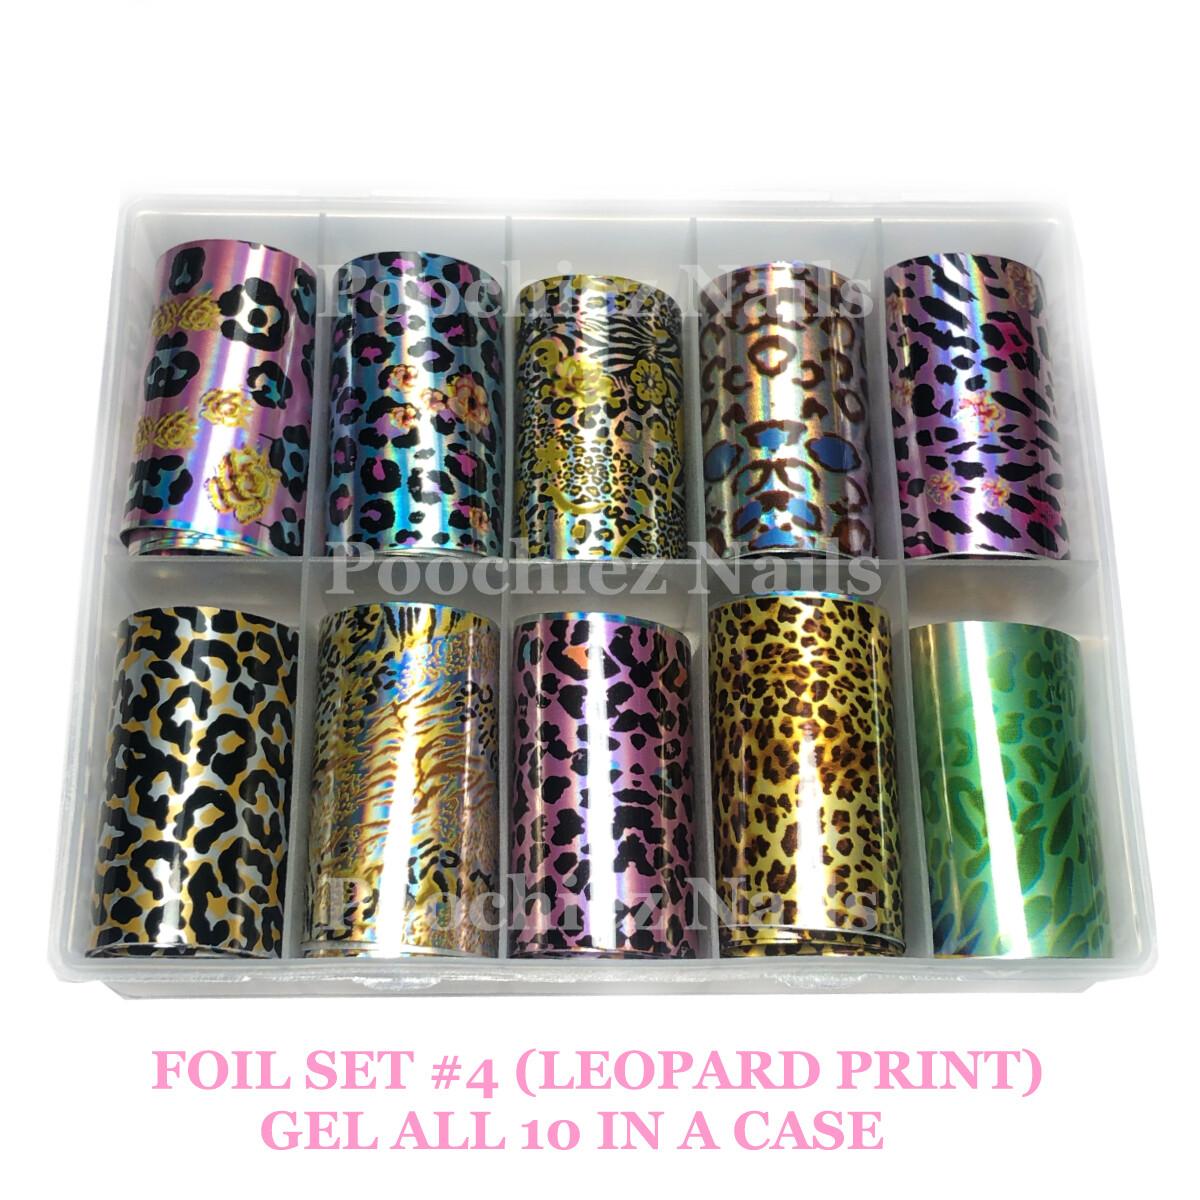 FOIL SET #4 (LEOPARD PRINT)